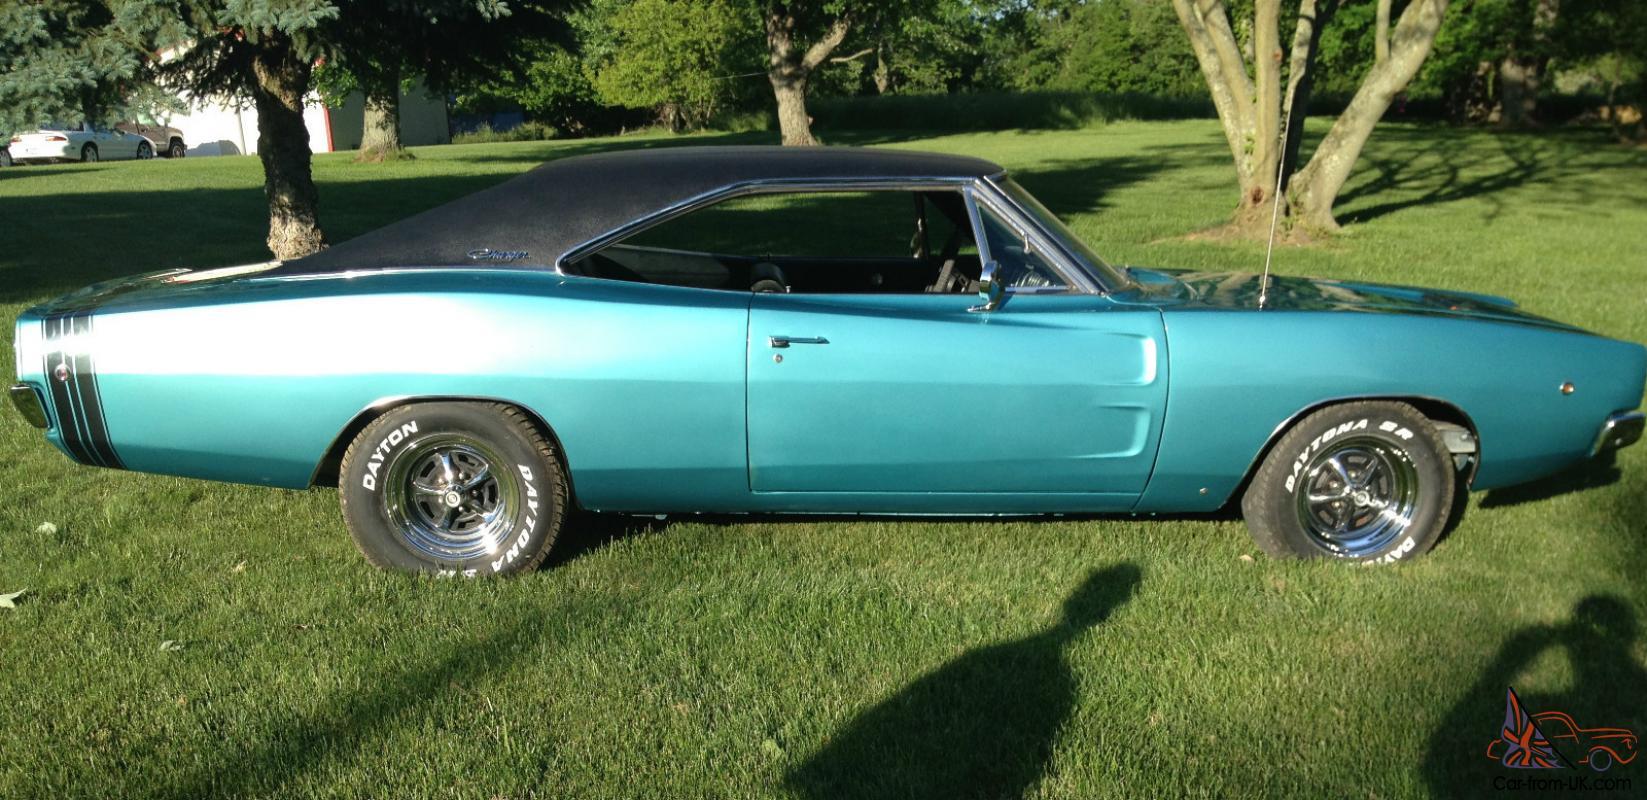 1968 Dodge Charger R T 2 Door 383 6 3l V8 Mopar Q5 Turquoise Vinyl Top Automatic